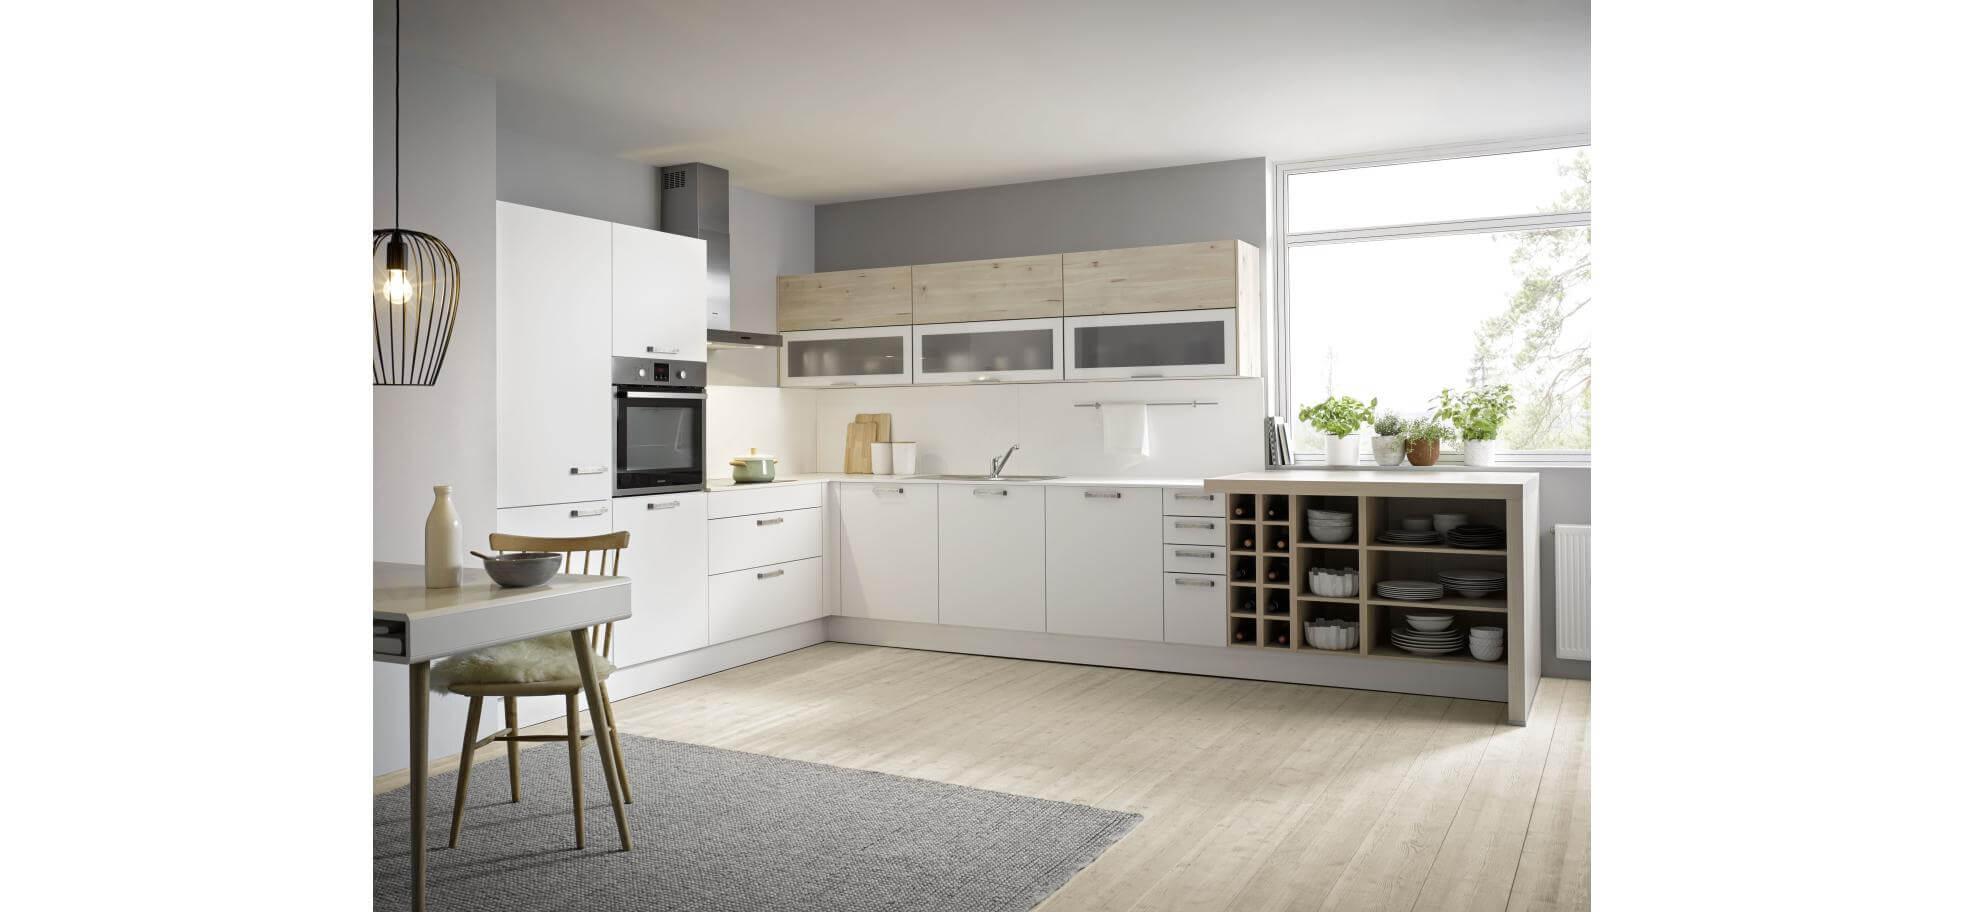 reling k che edelstahl porsche design k che persch die mediterrane delmenhorst wohnideen. Black Bedroom Furniture Sets. Home Design Ideas